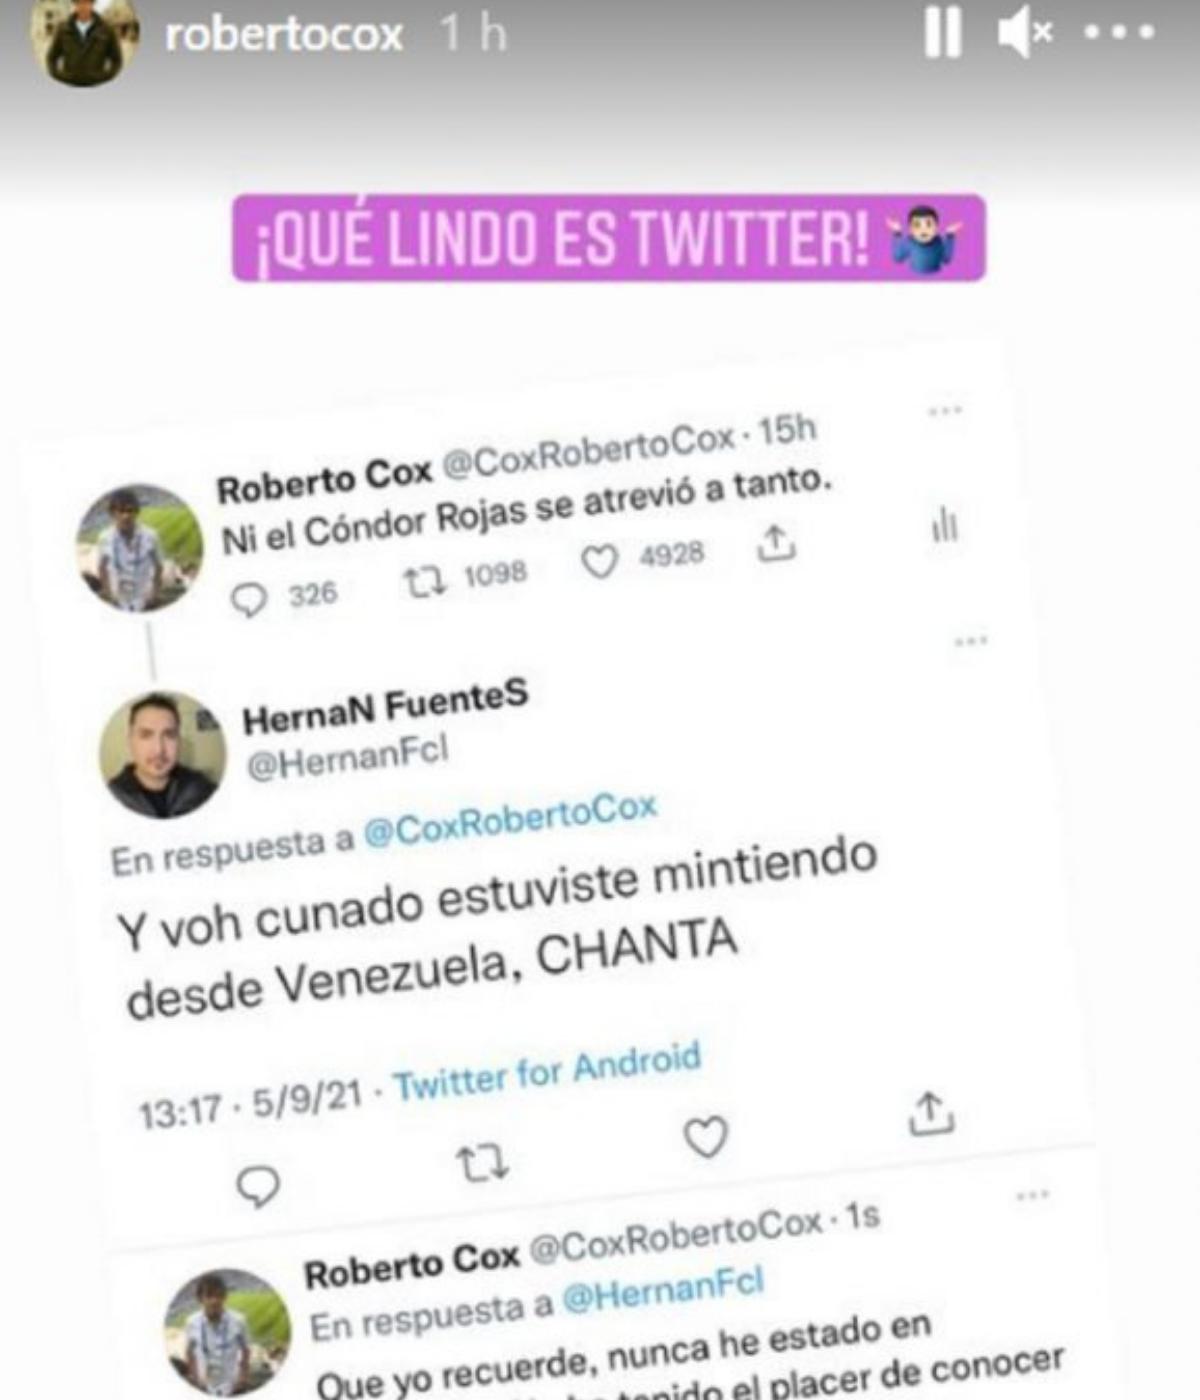 Roberto Cox Instagram